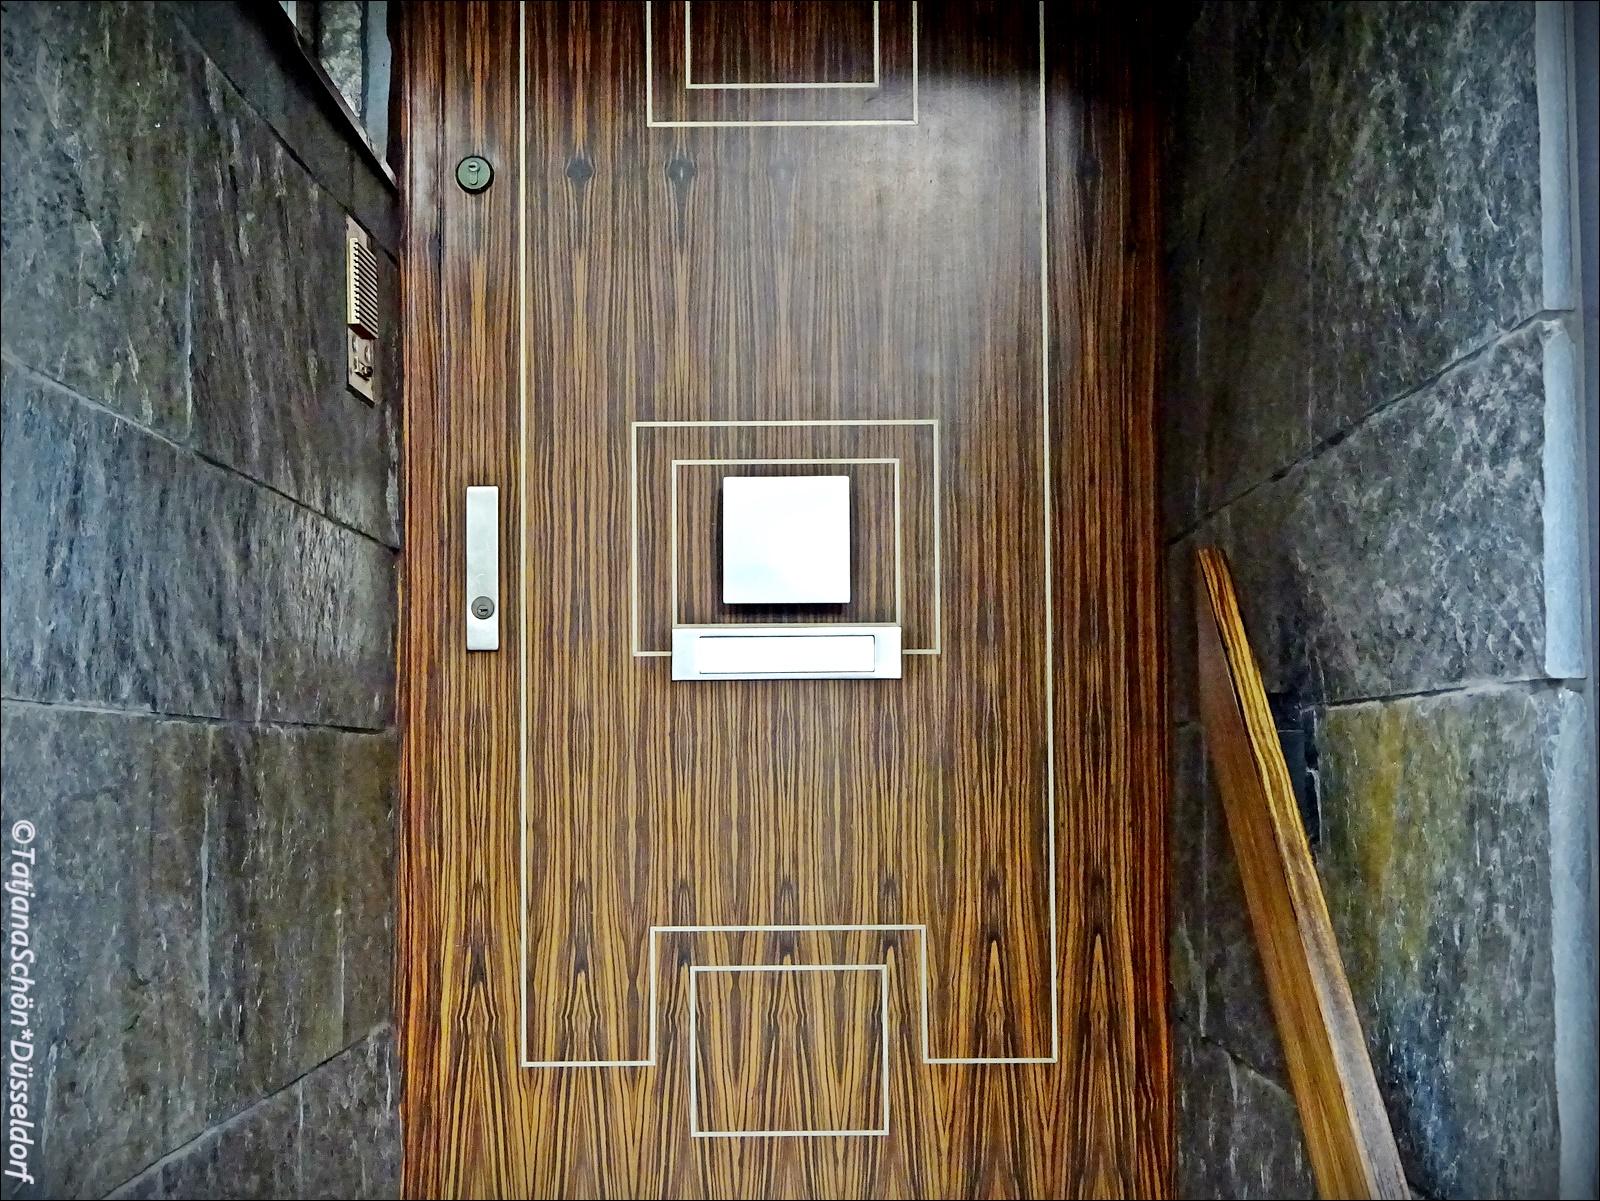 Подсказка - металлический квадрат посреди двери - ручка.